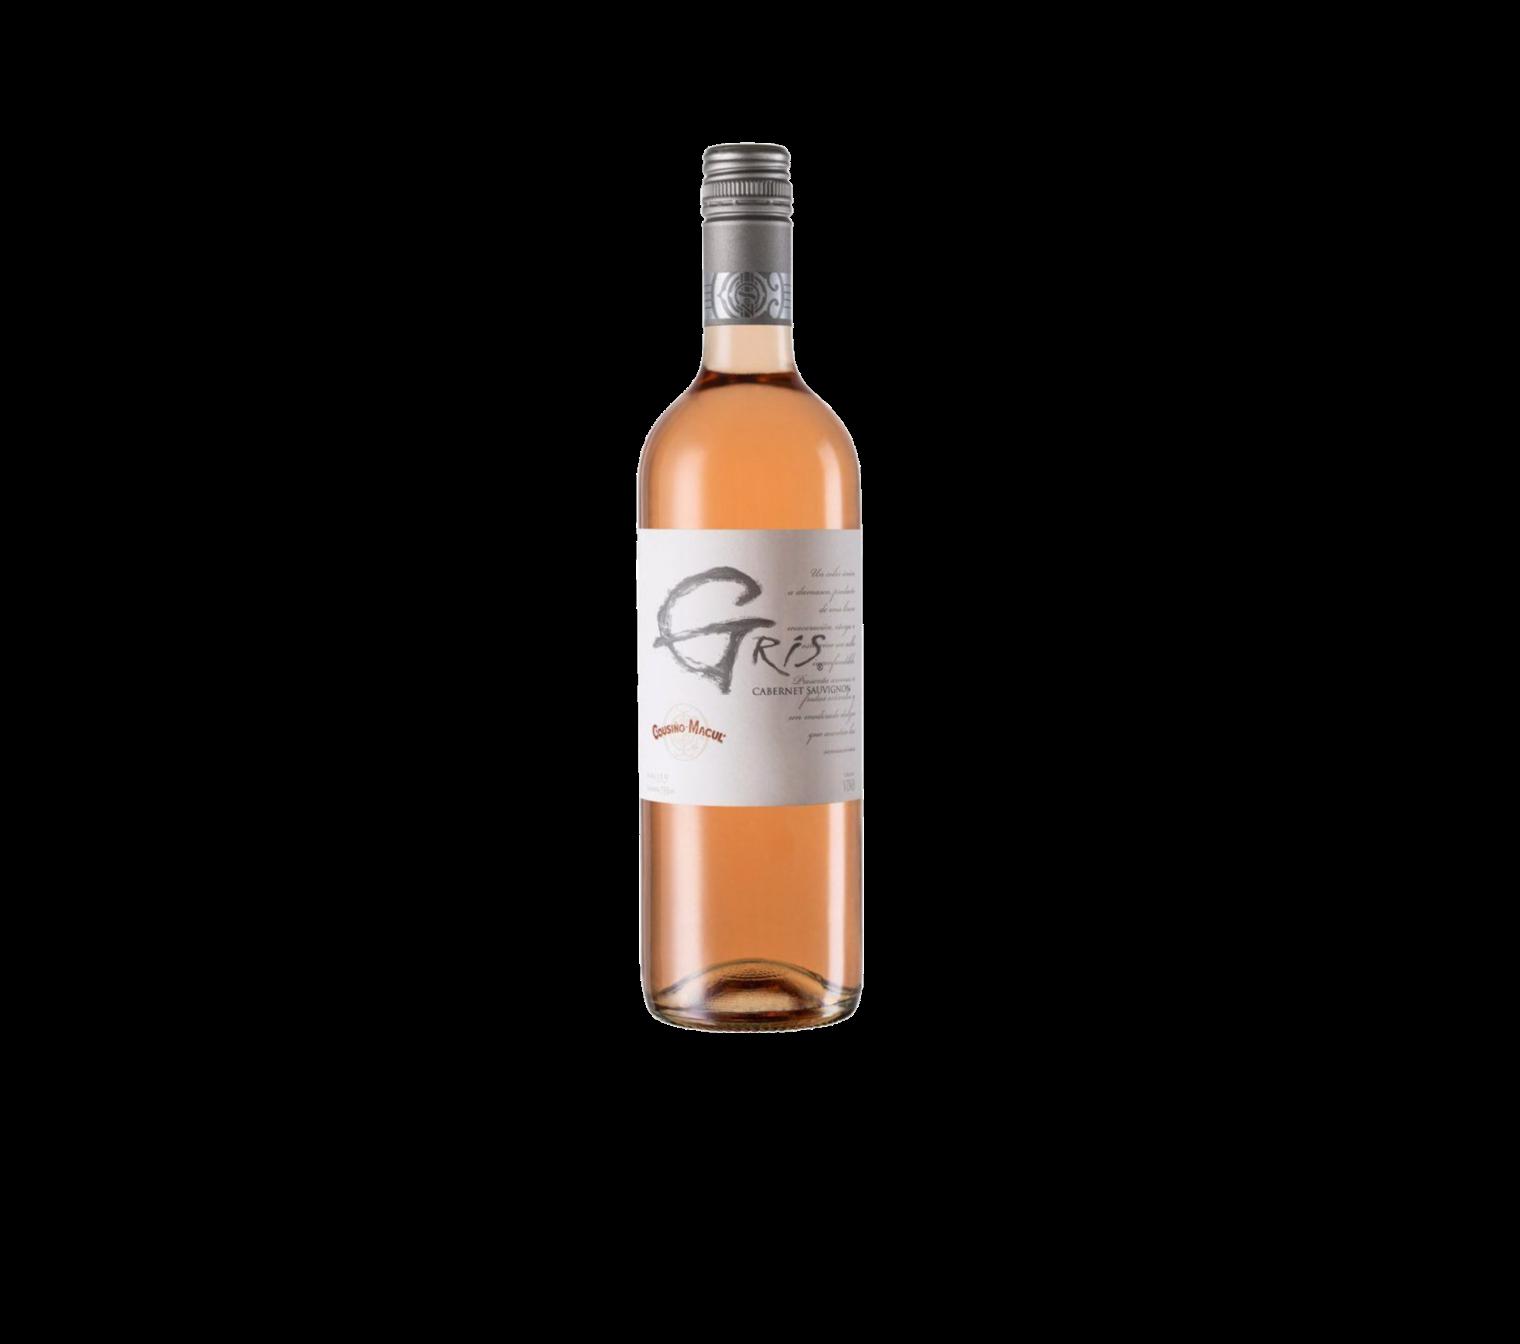 Gris Rosé Wine (Cabernet Sauvignon)